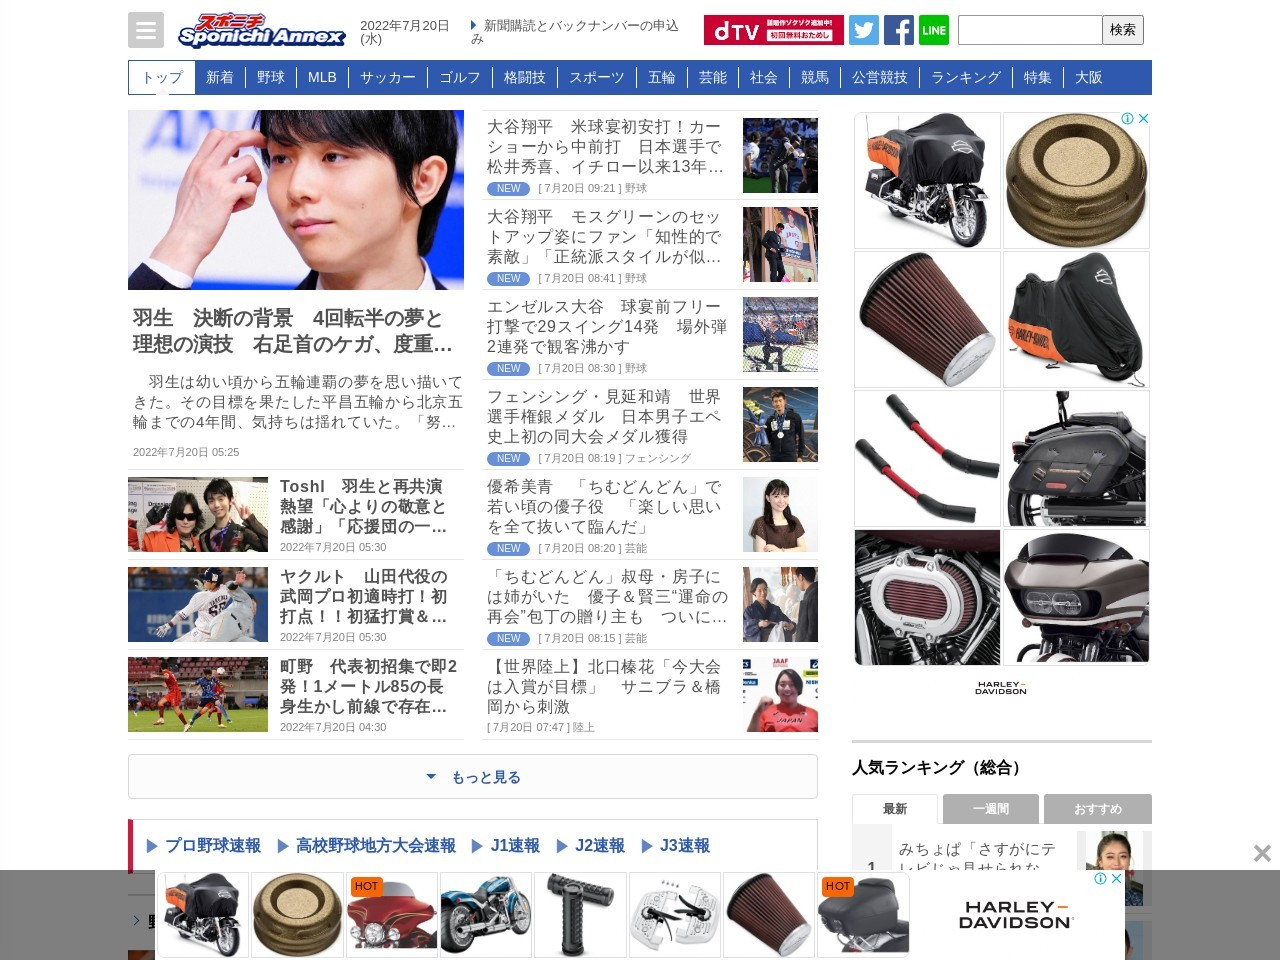 穂積&二宮組、日本人女子ペアで4大大会初制覇ならずも全仏ダブルス準V